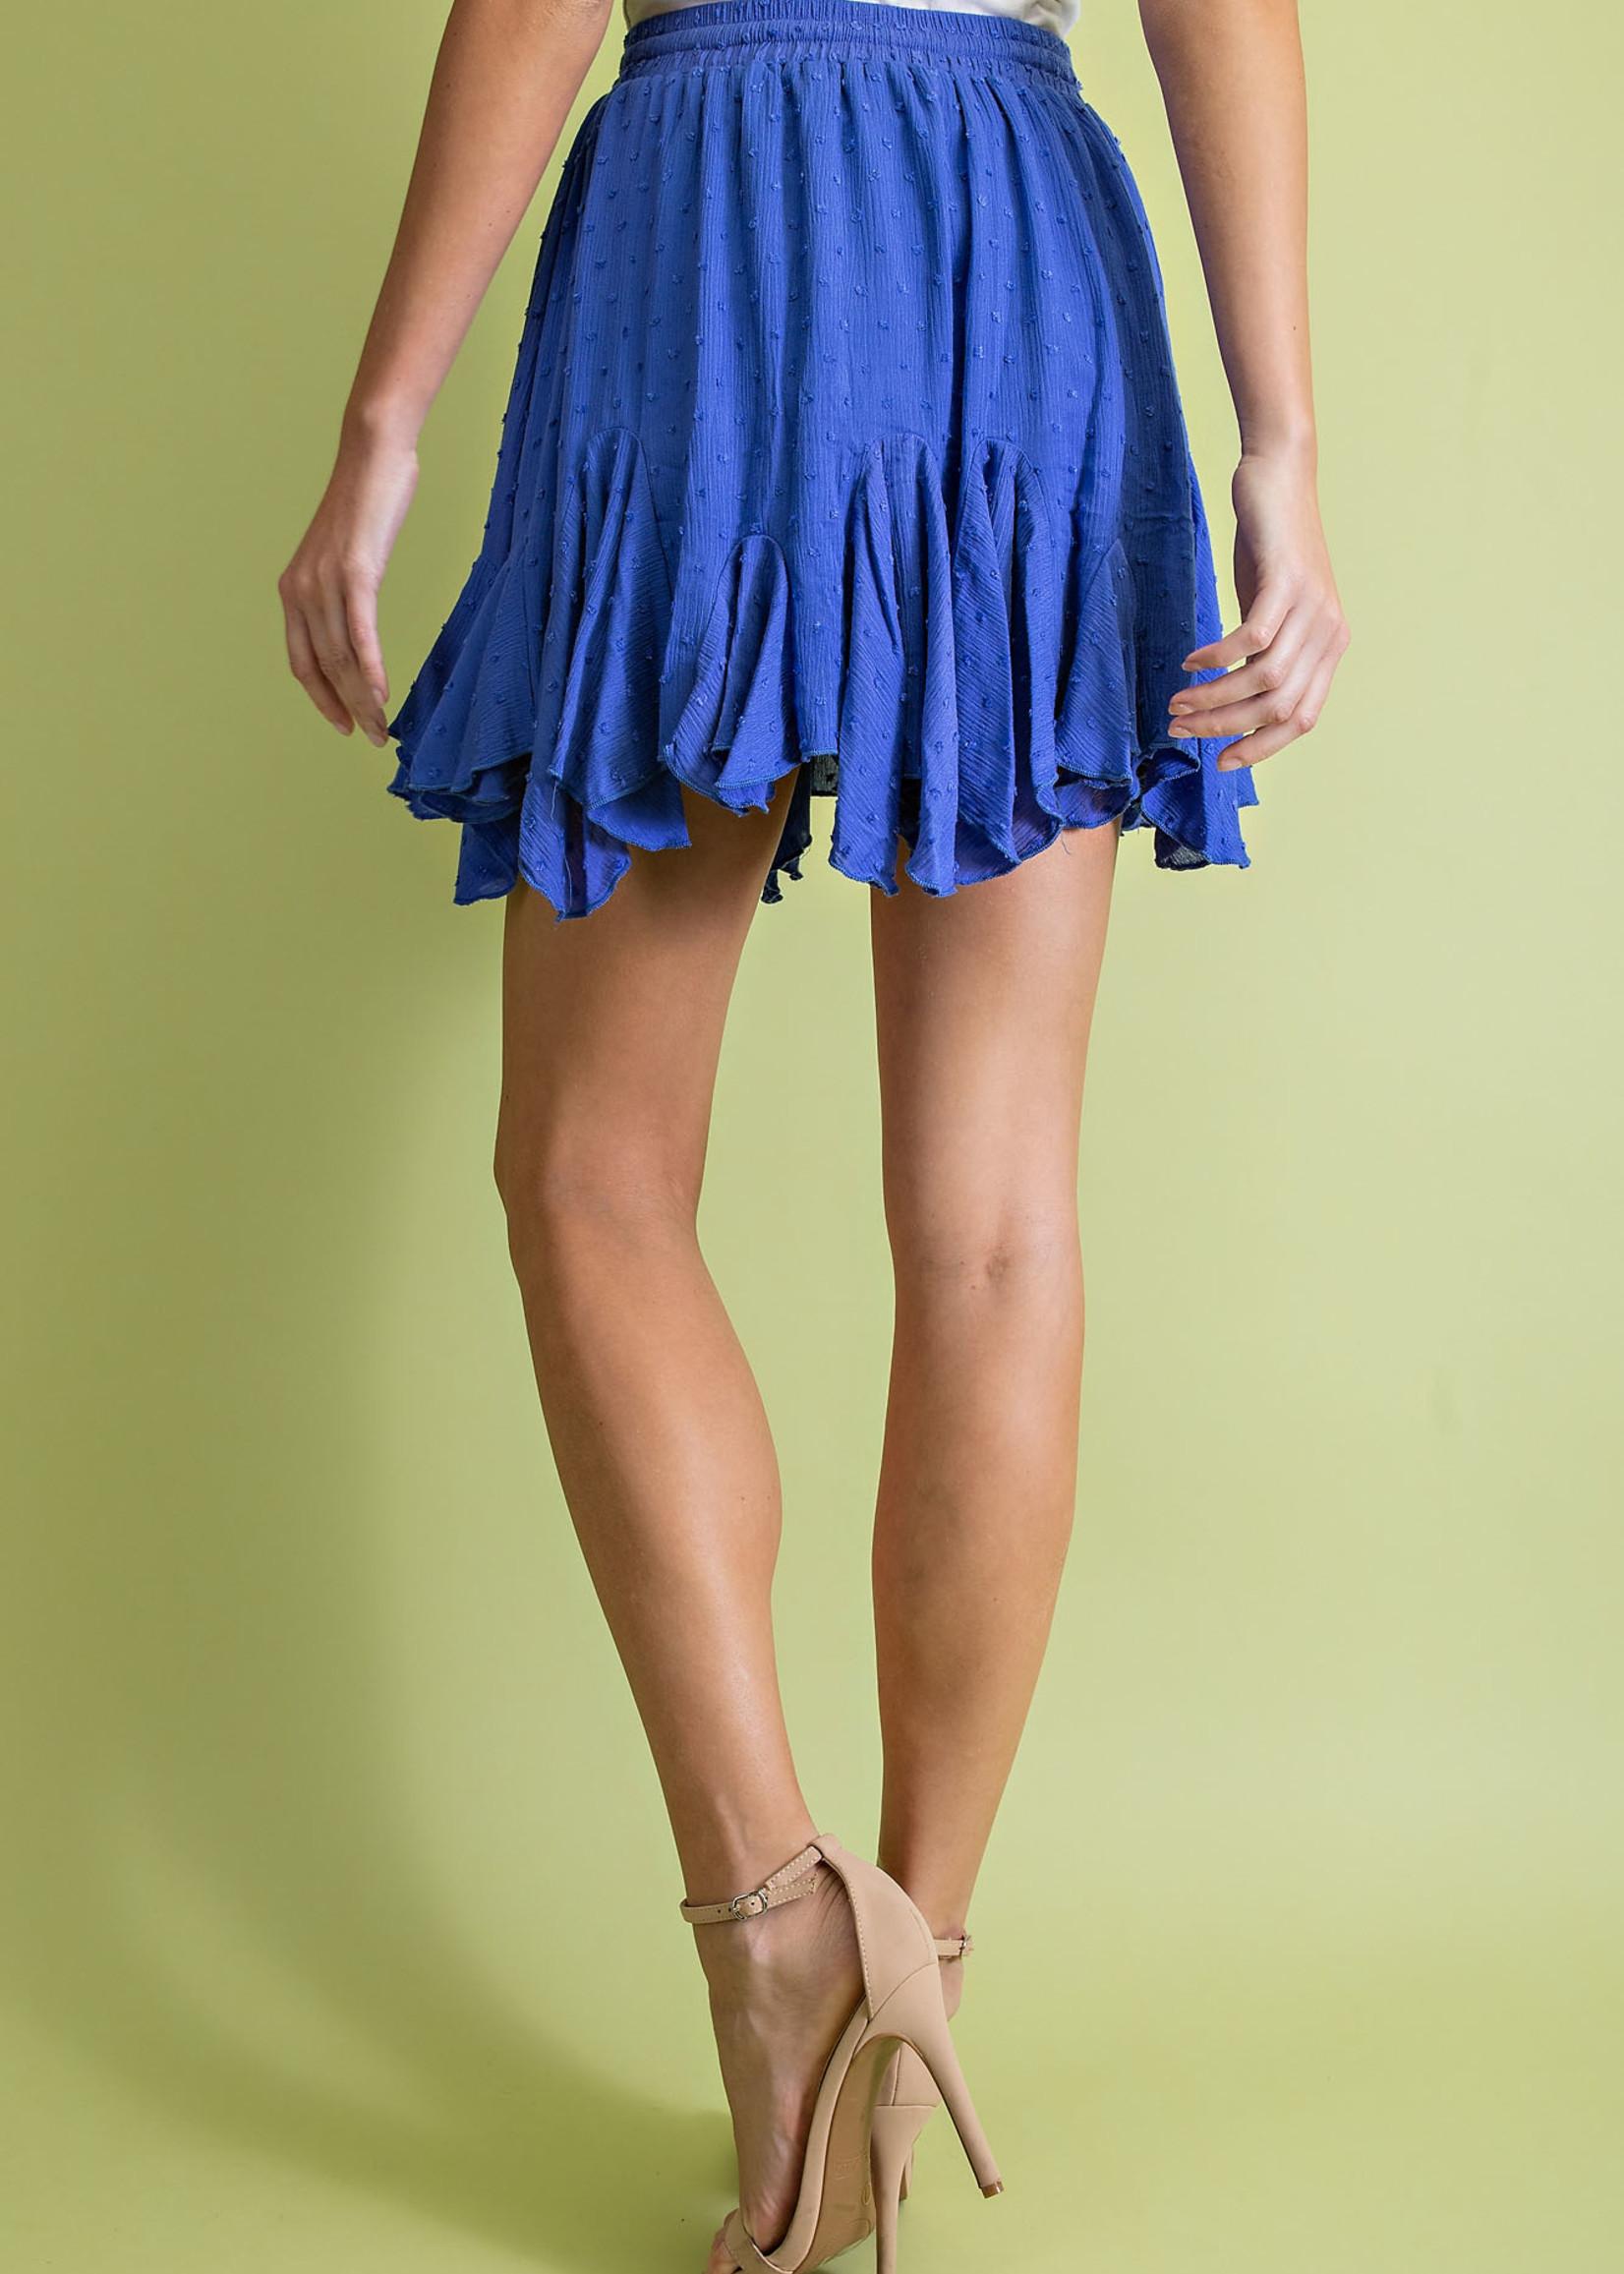 Swiss dot flare skirt 2 colors